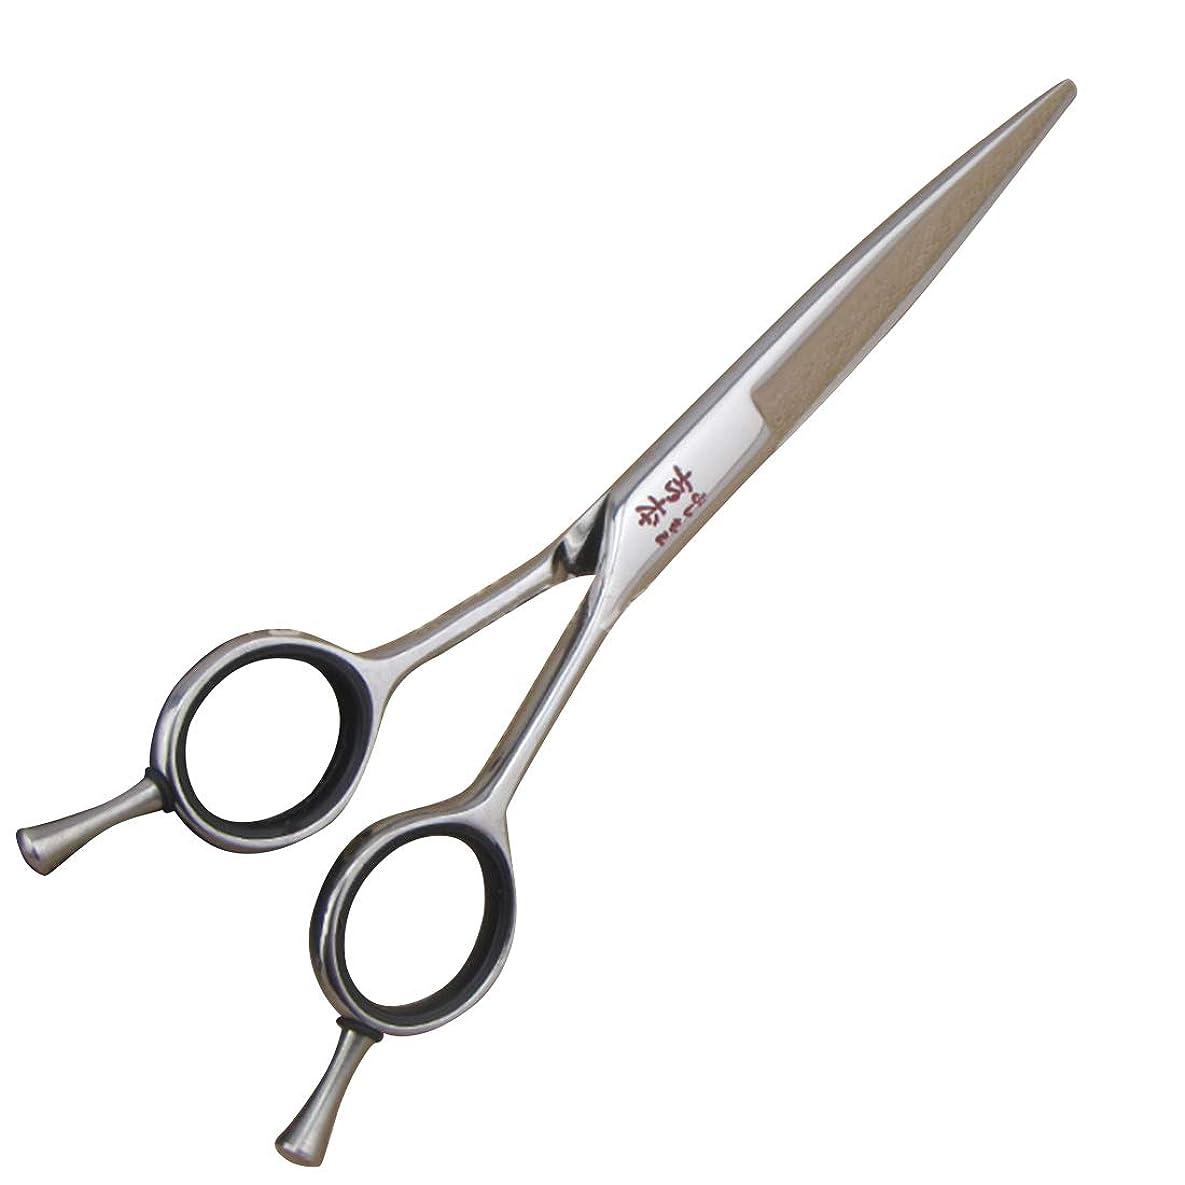 硬さ急性等価理髪用はさみ はさみヘアプロフェッショナル前髪はさみ&フラットシザー日本のコイラインフラットシアーステンレススチールはさみで微調整ネジヘアカットシザーステンレス理髪はさみ (色 : Silver)